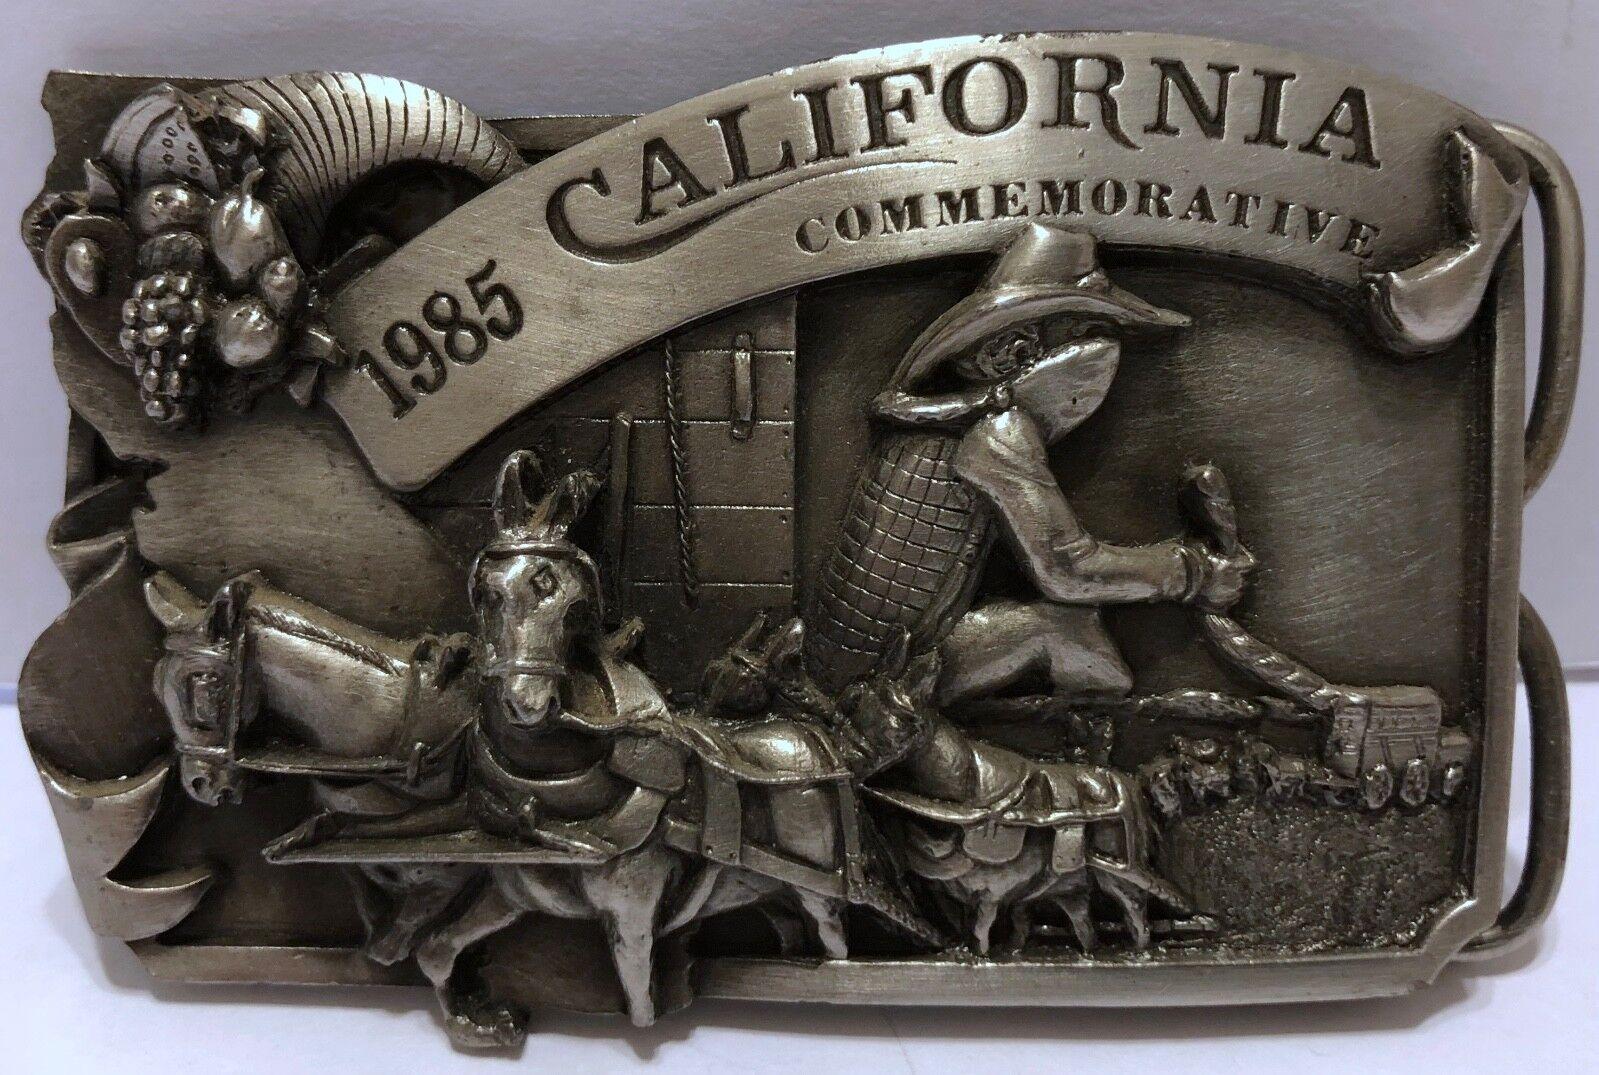 VTG Arroyo Grande California Commemorative Stagecoach Cowboy Buckle 1985 Bank